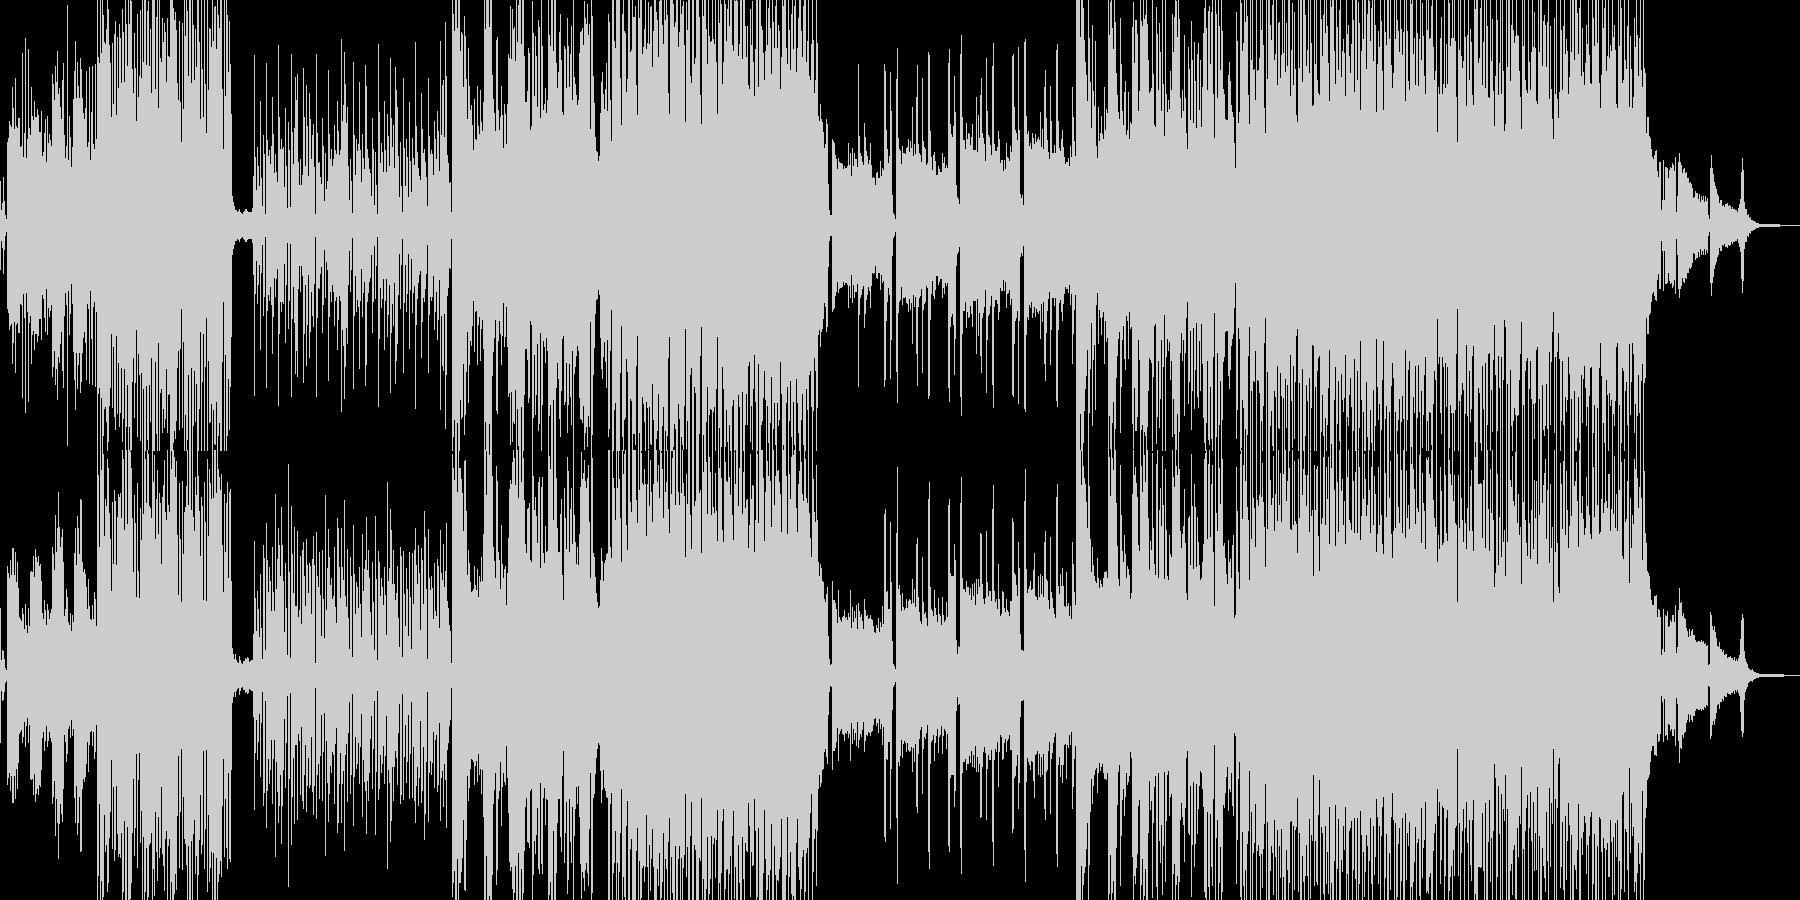 スイカと南風感じるトロピカルダンスの未再生の波形